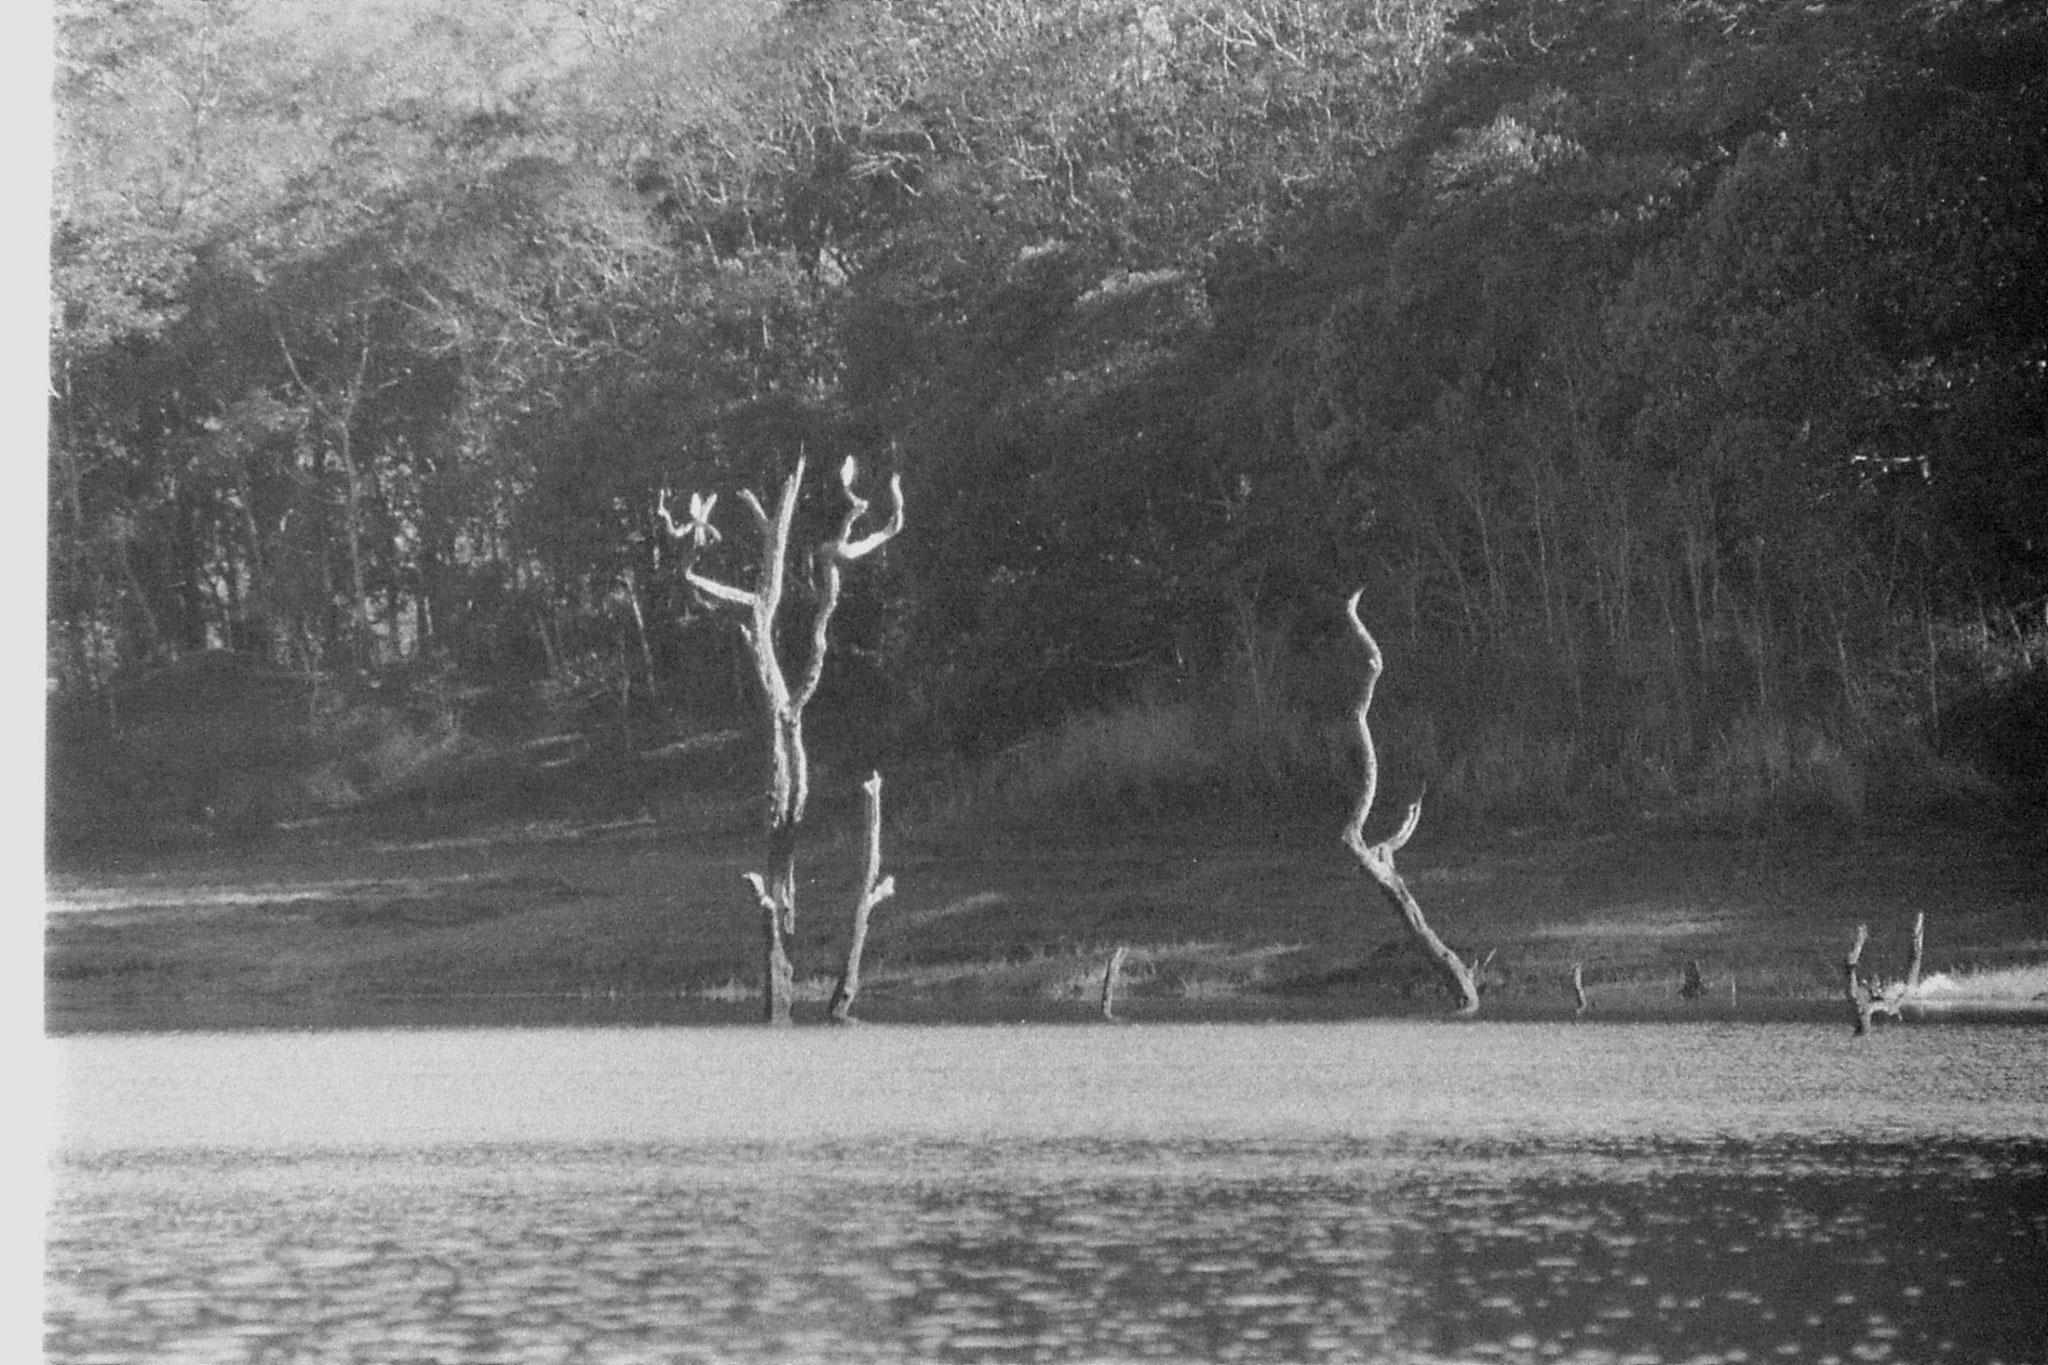 097/28: 23/2/1990 Periyar egrets